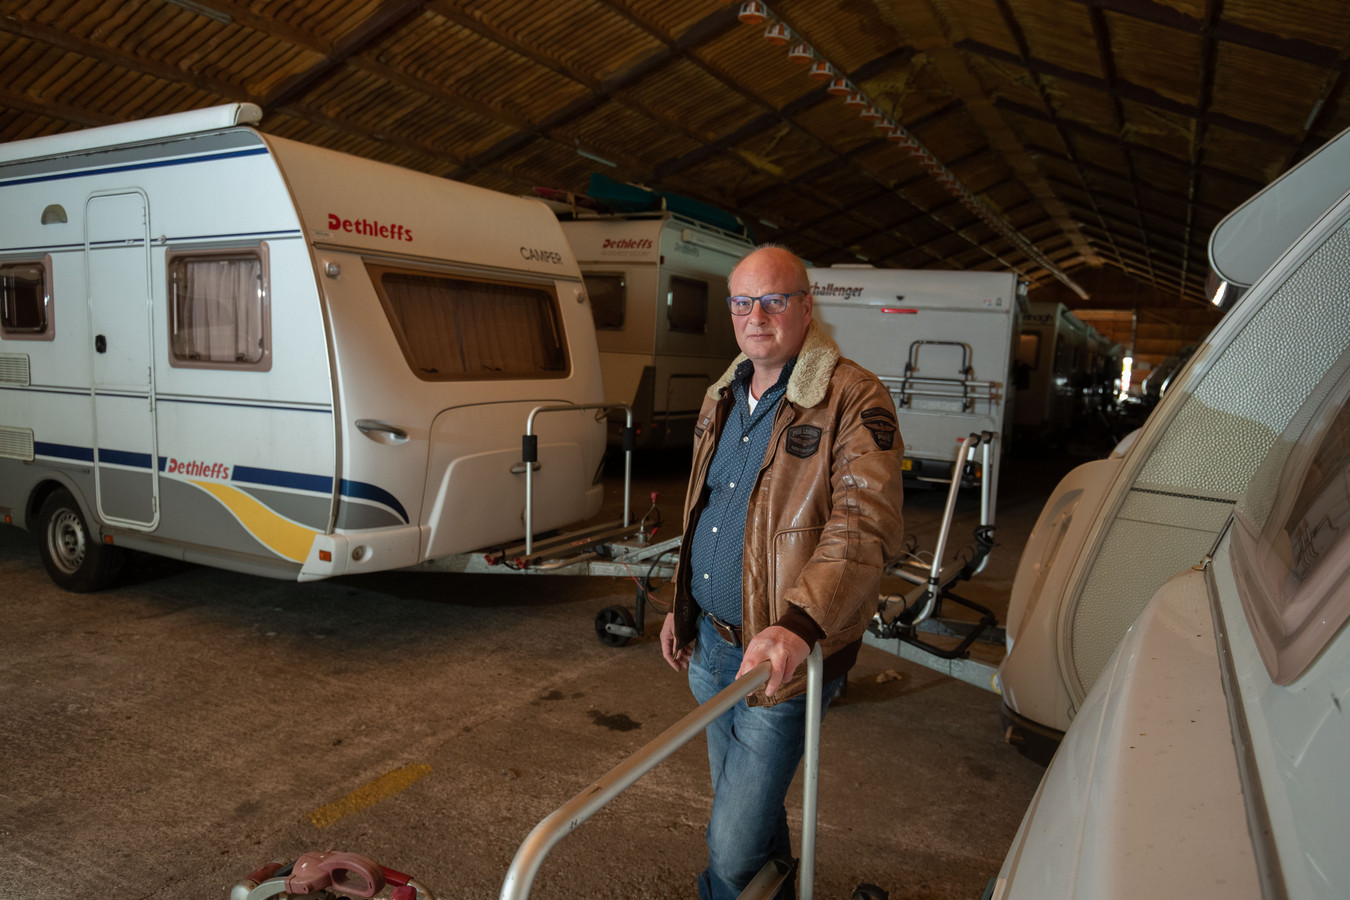 Vakantiegevoel? Zet een caravan voor je deur: de 'Quarantaine Van' Kost je 25 euro per dag. Idee van Renze Boersma die geen caravan kan verhuren omdat sanitairgebouwen niet gebruikt mogen worden op campings.